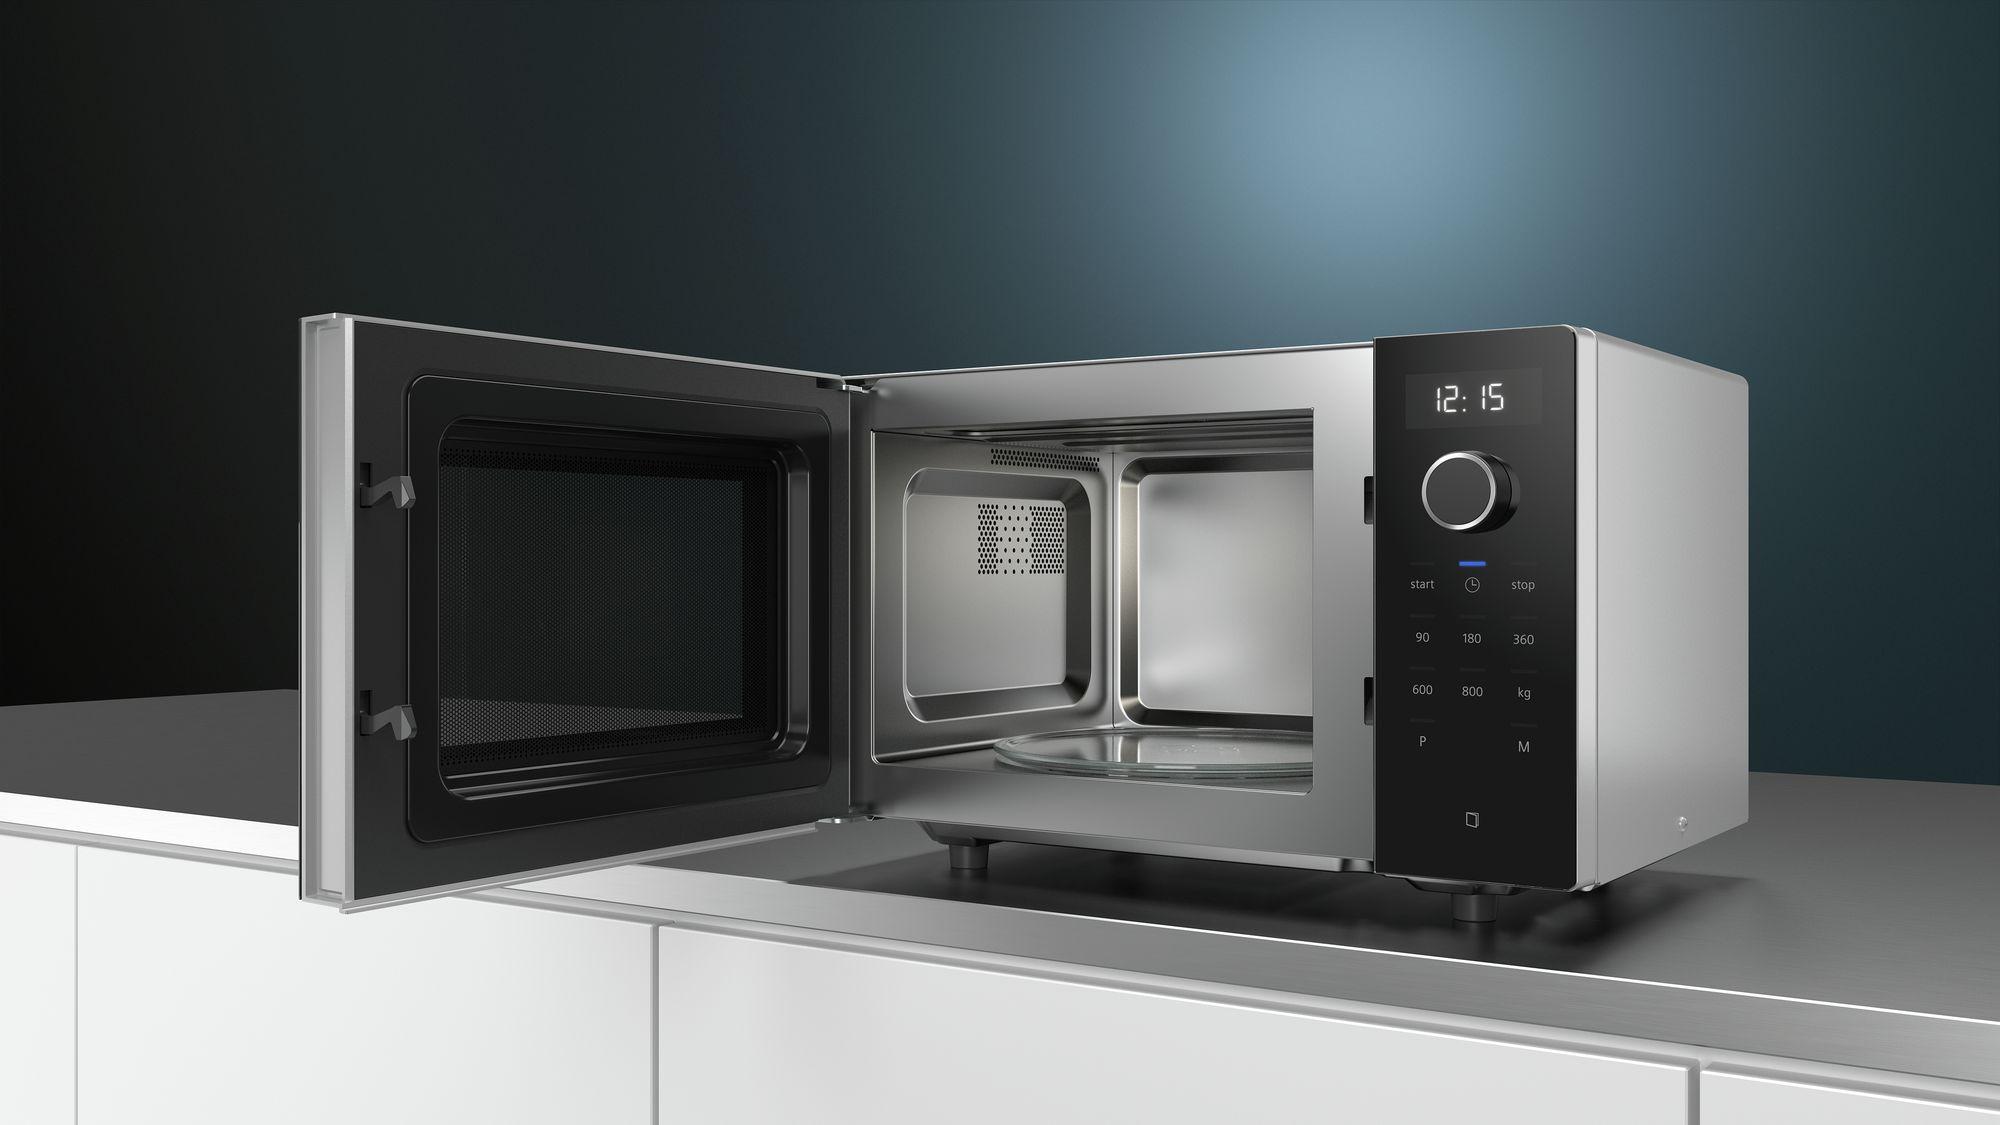 Siemens Kühlschrank Schwarz : Siemens freistehende mikrowelle schwarz ff513mmb0 psi24.com